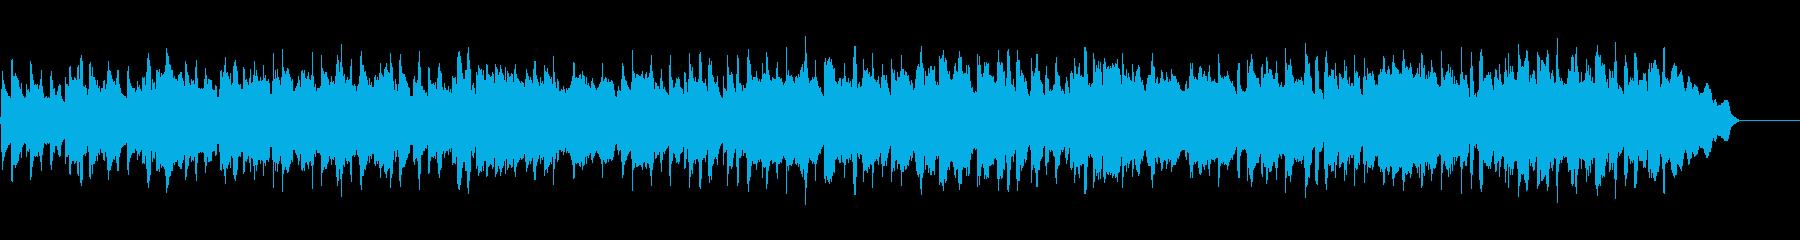 アコースティック楽器。 Jangl...の再生済みの波形